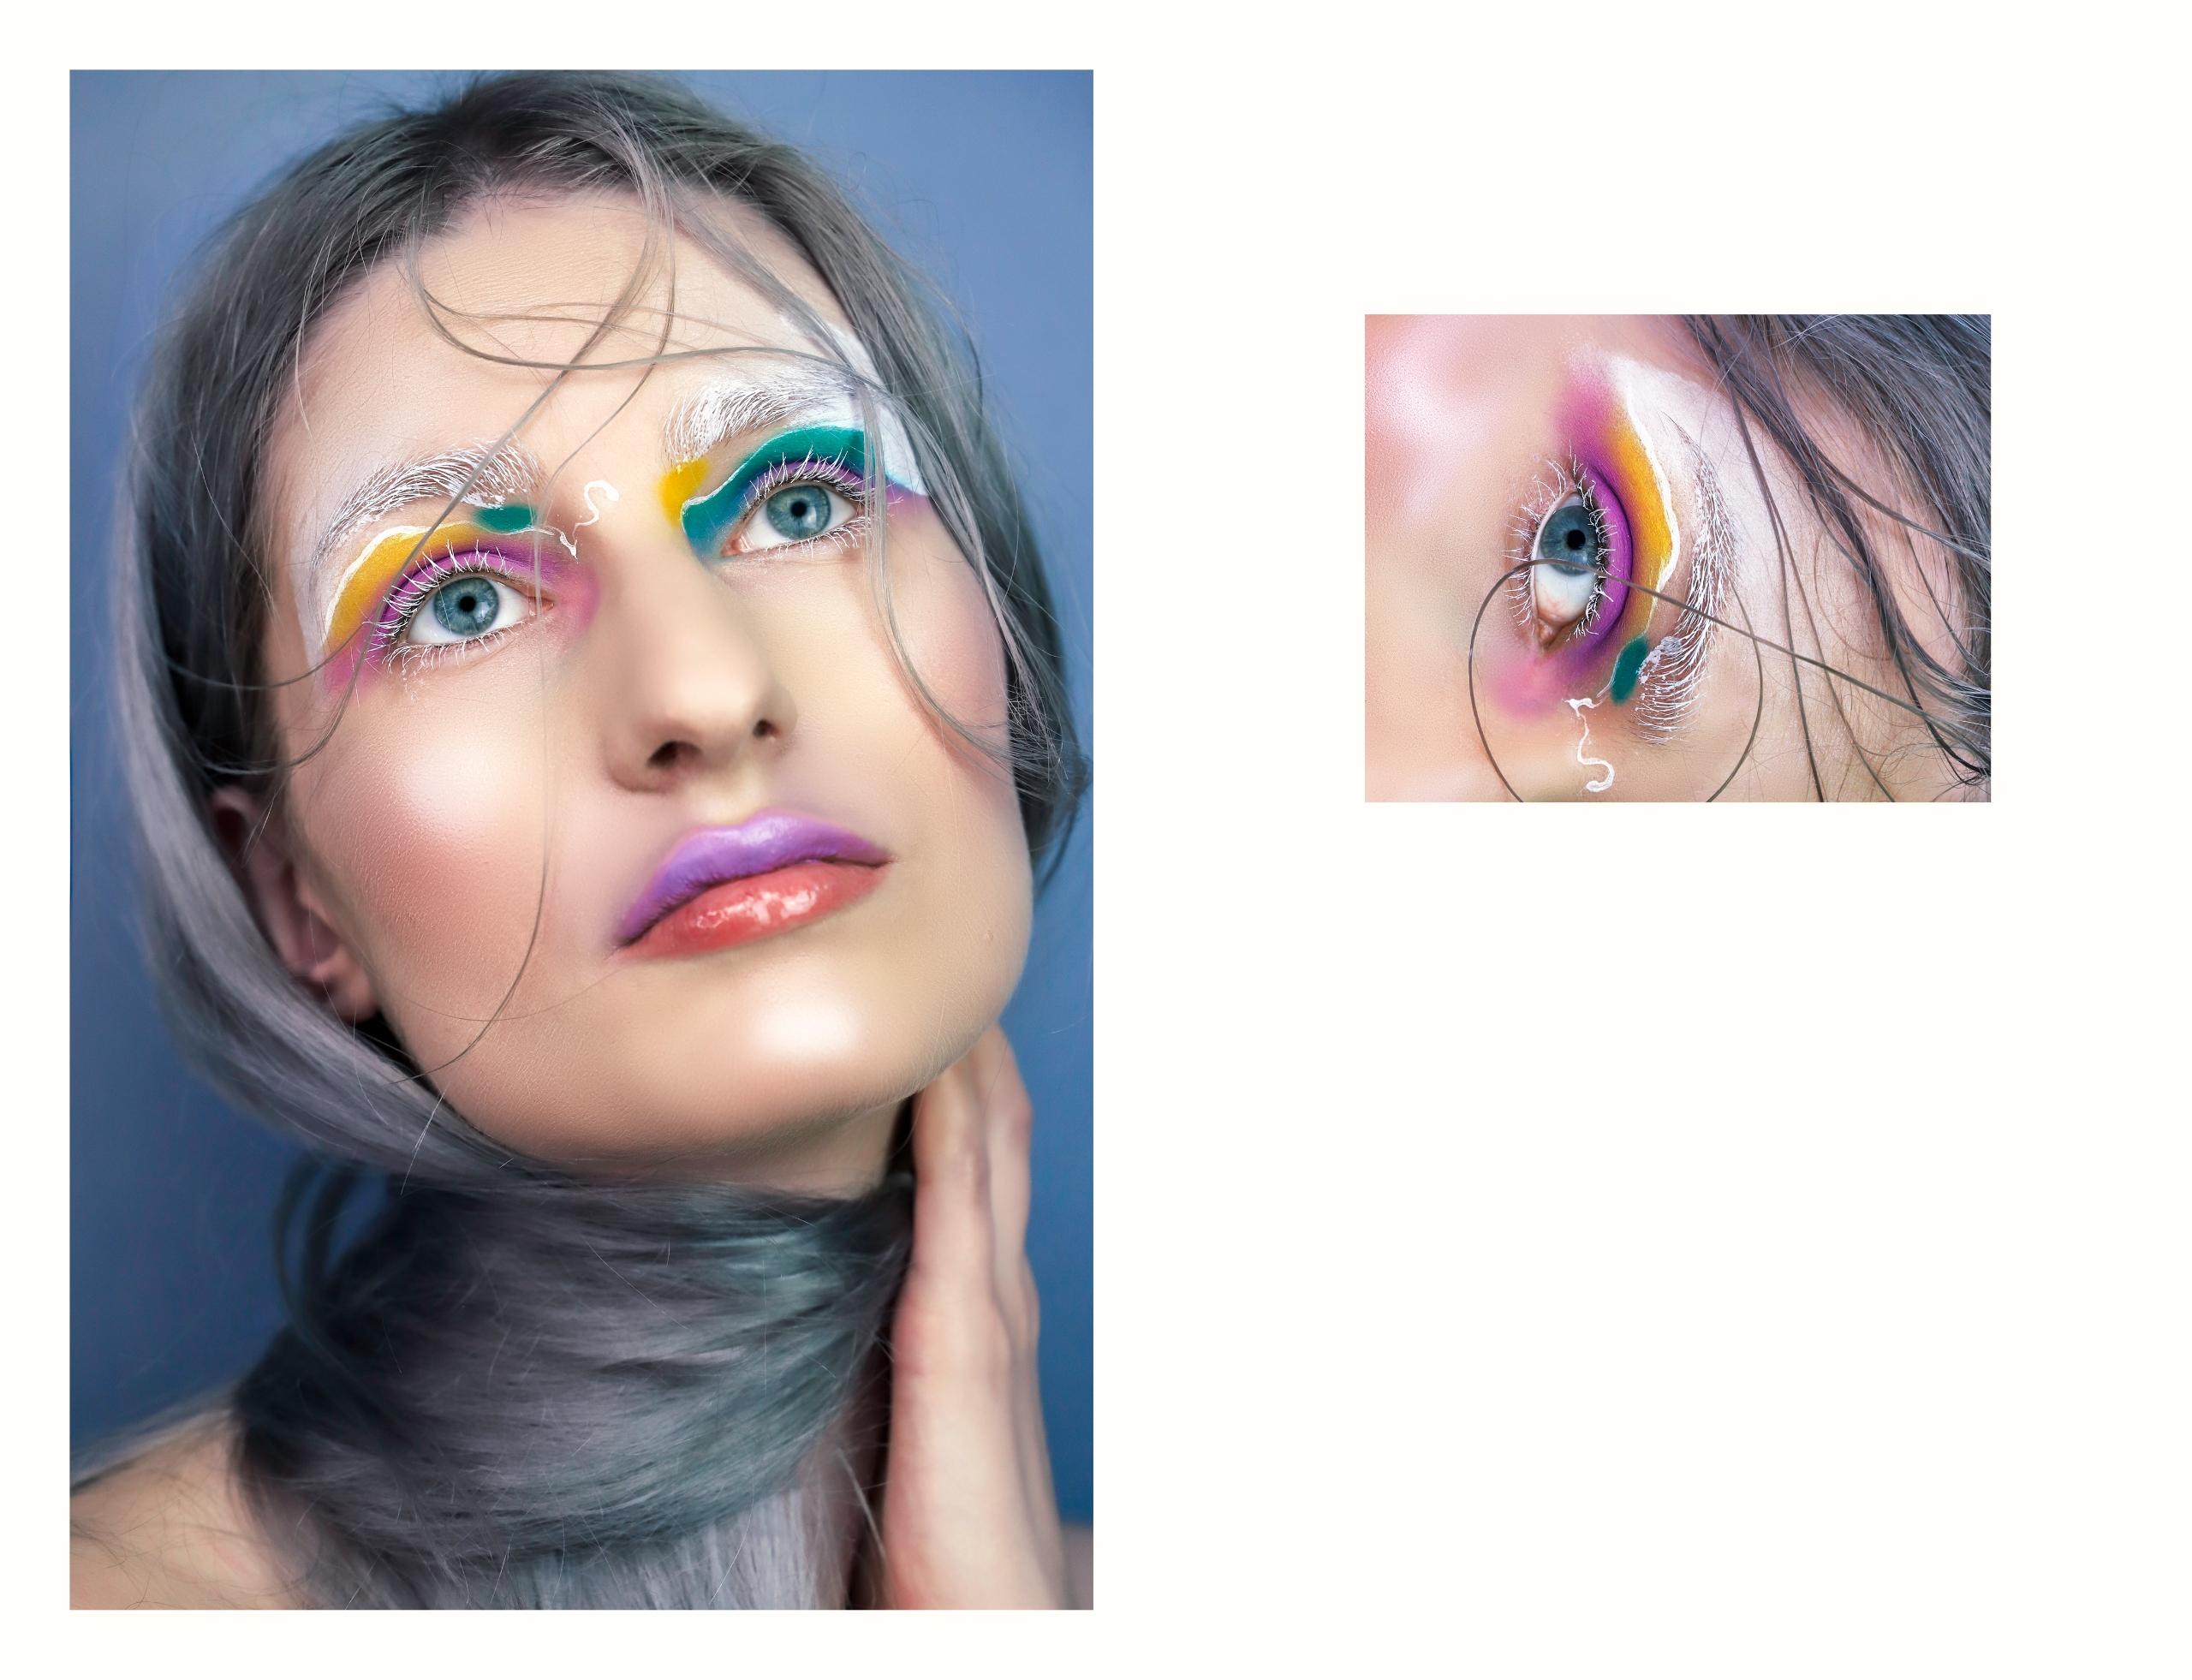 Obraz przedstawia dwa zdjęcia. Z prawej strony widzimy portret kobiety w kolorowym makijażu. Kobieta wznosi wzrok ku górze. Z lewej strony widzimy małe zdjęcie oka.